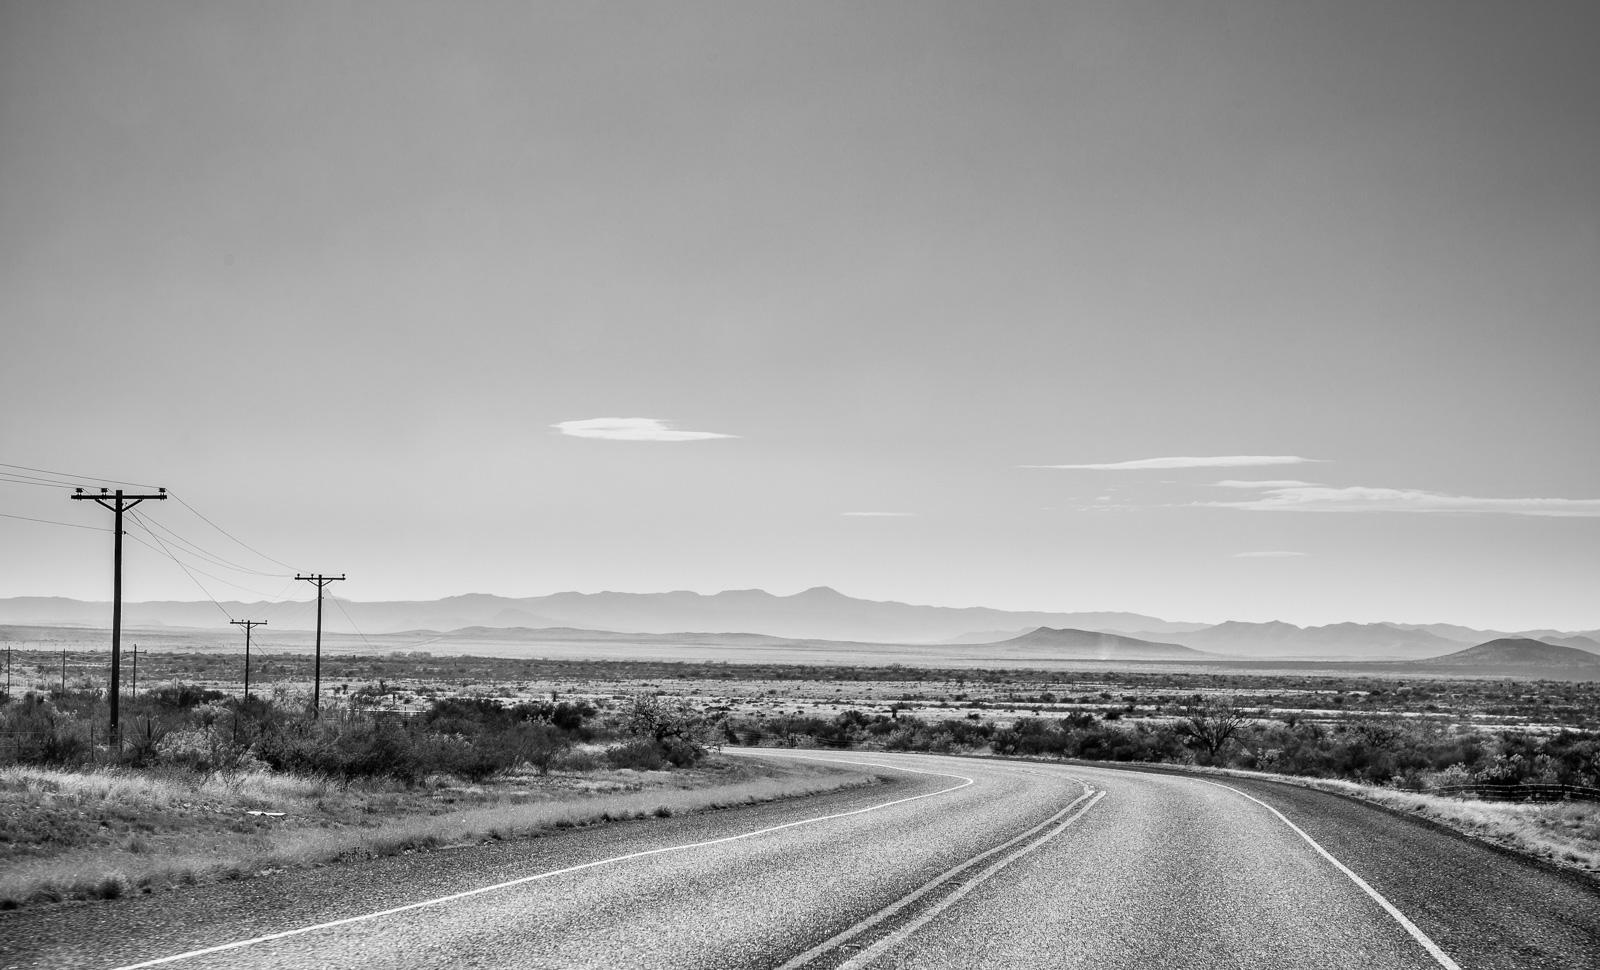 big bend, highway 90, west texas, desert